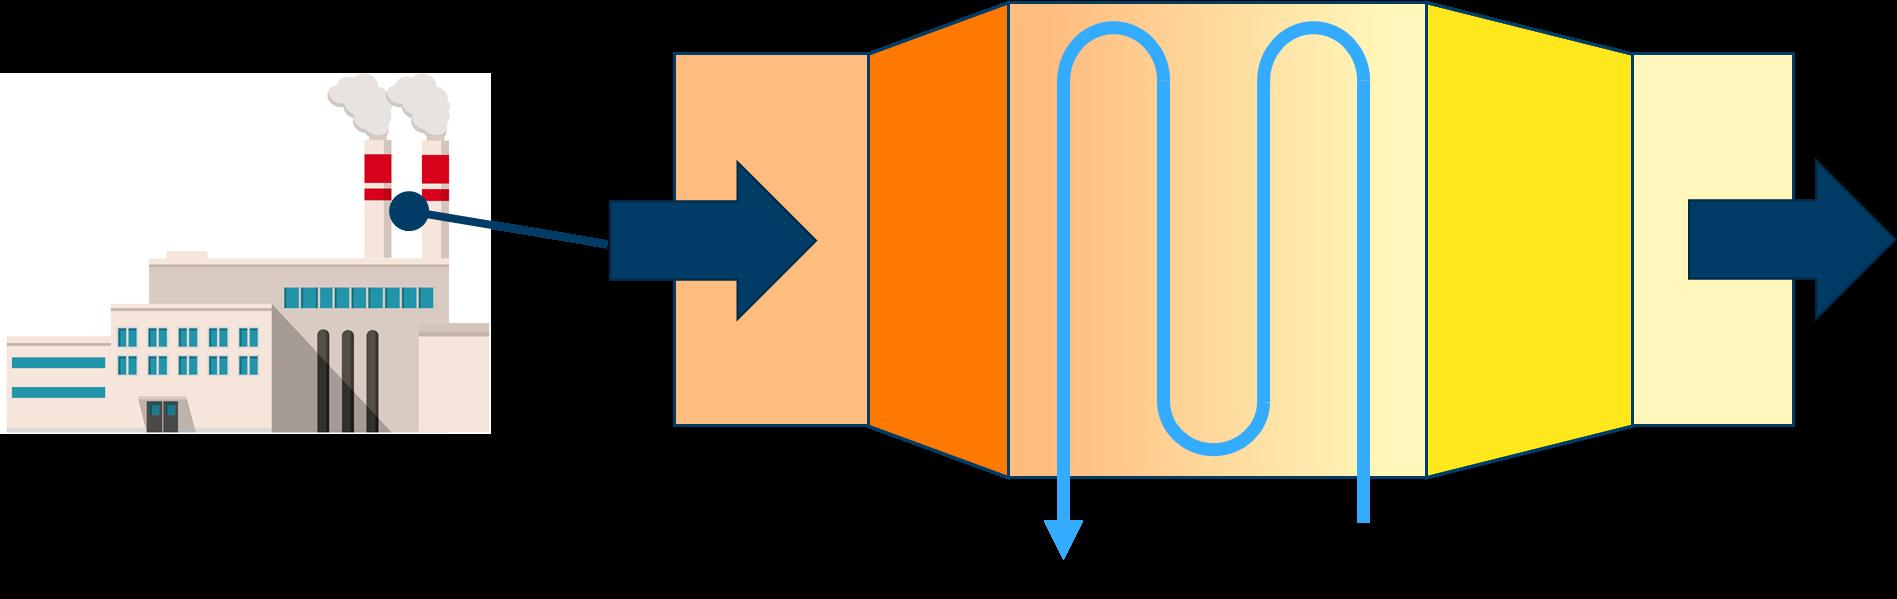 """Figure 2 Principle """"Heat recovery heat exchanger"""" capturing heat from industrial surplus heat"""